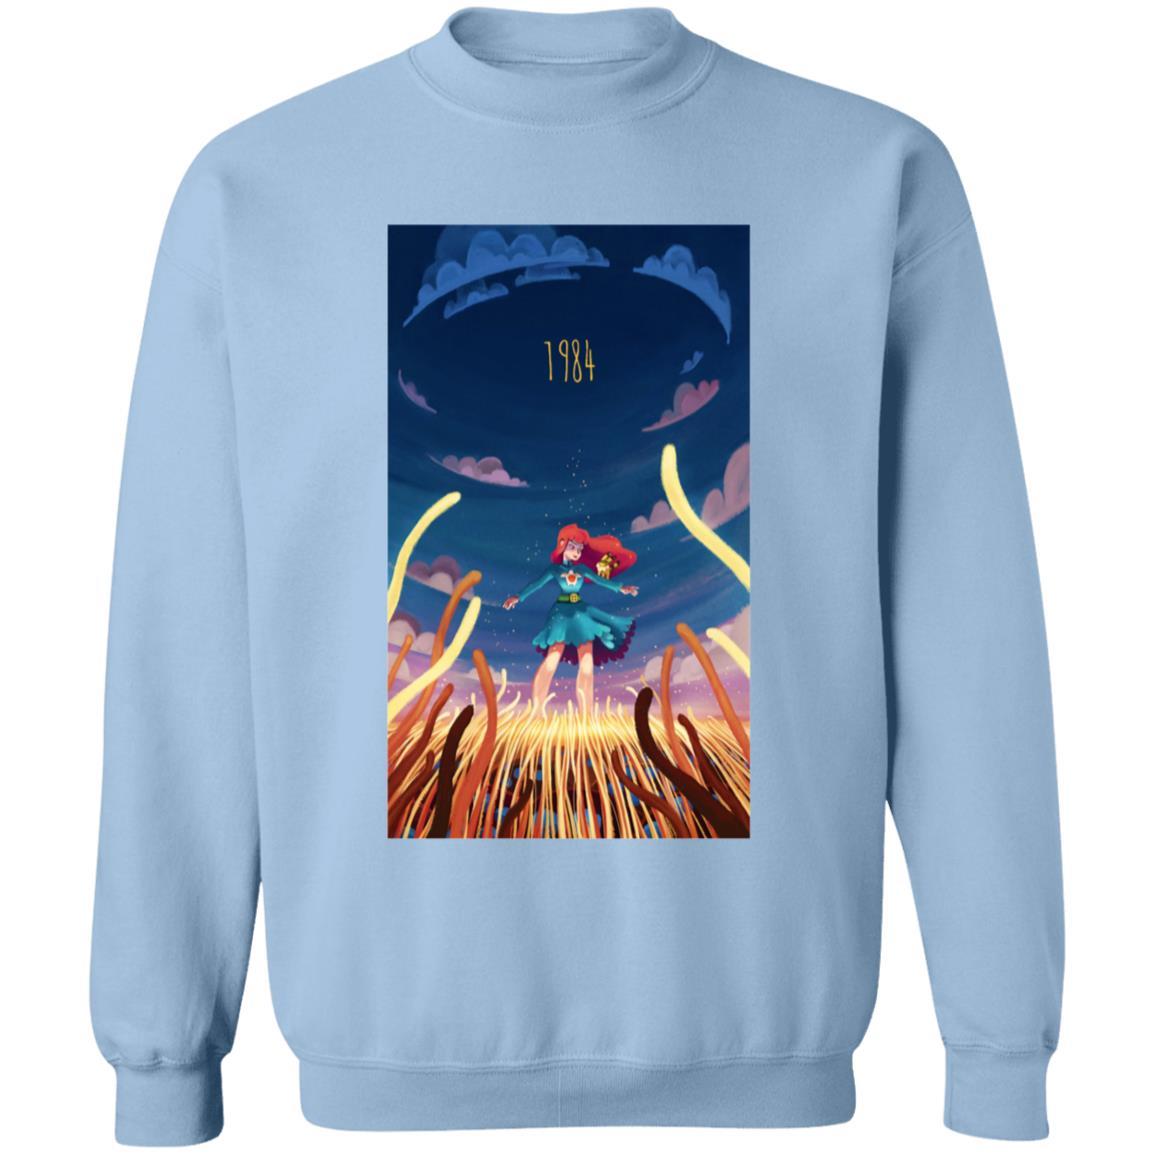 Nausicaa 1984 Illustration Sweatshirt